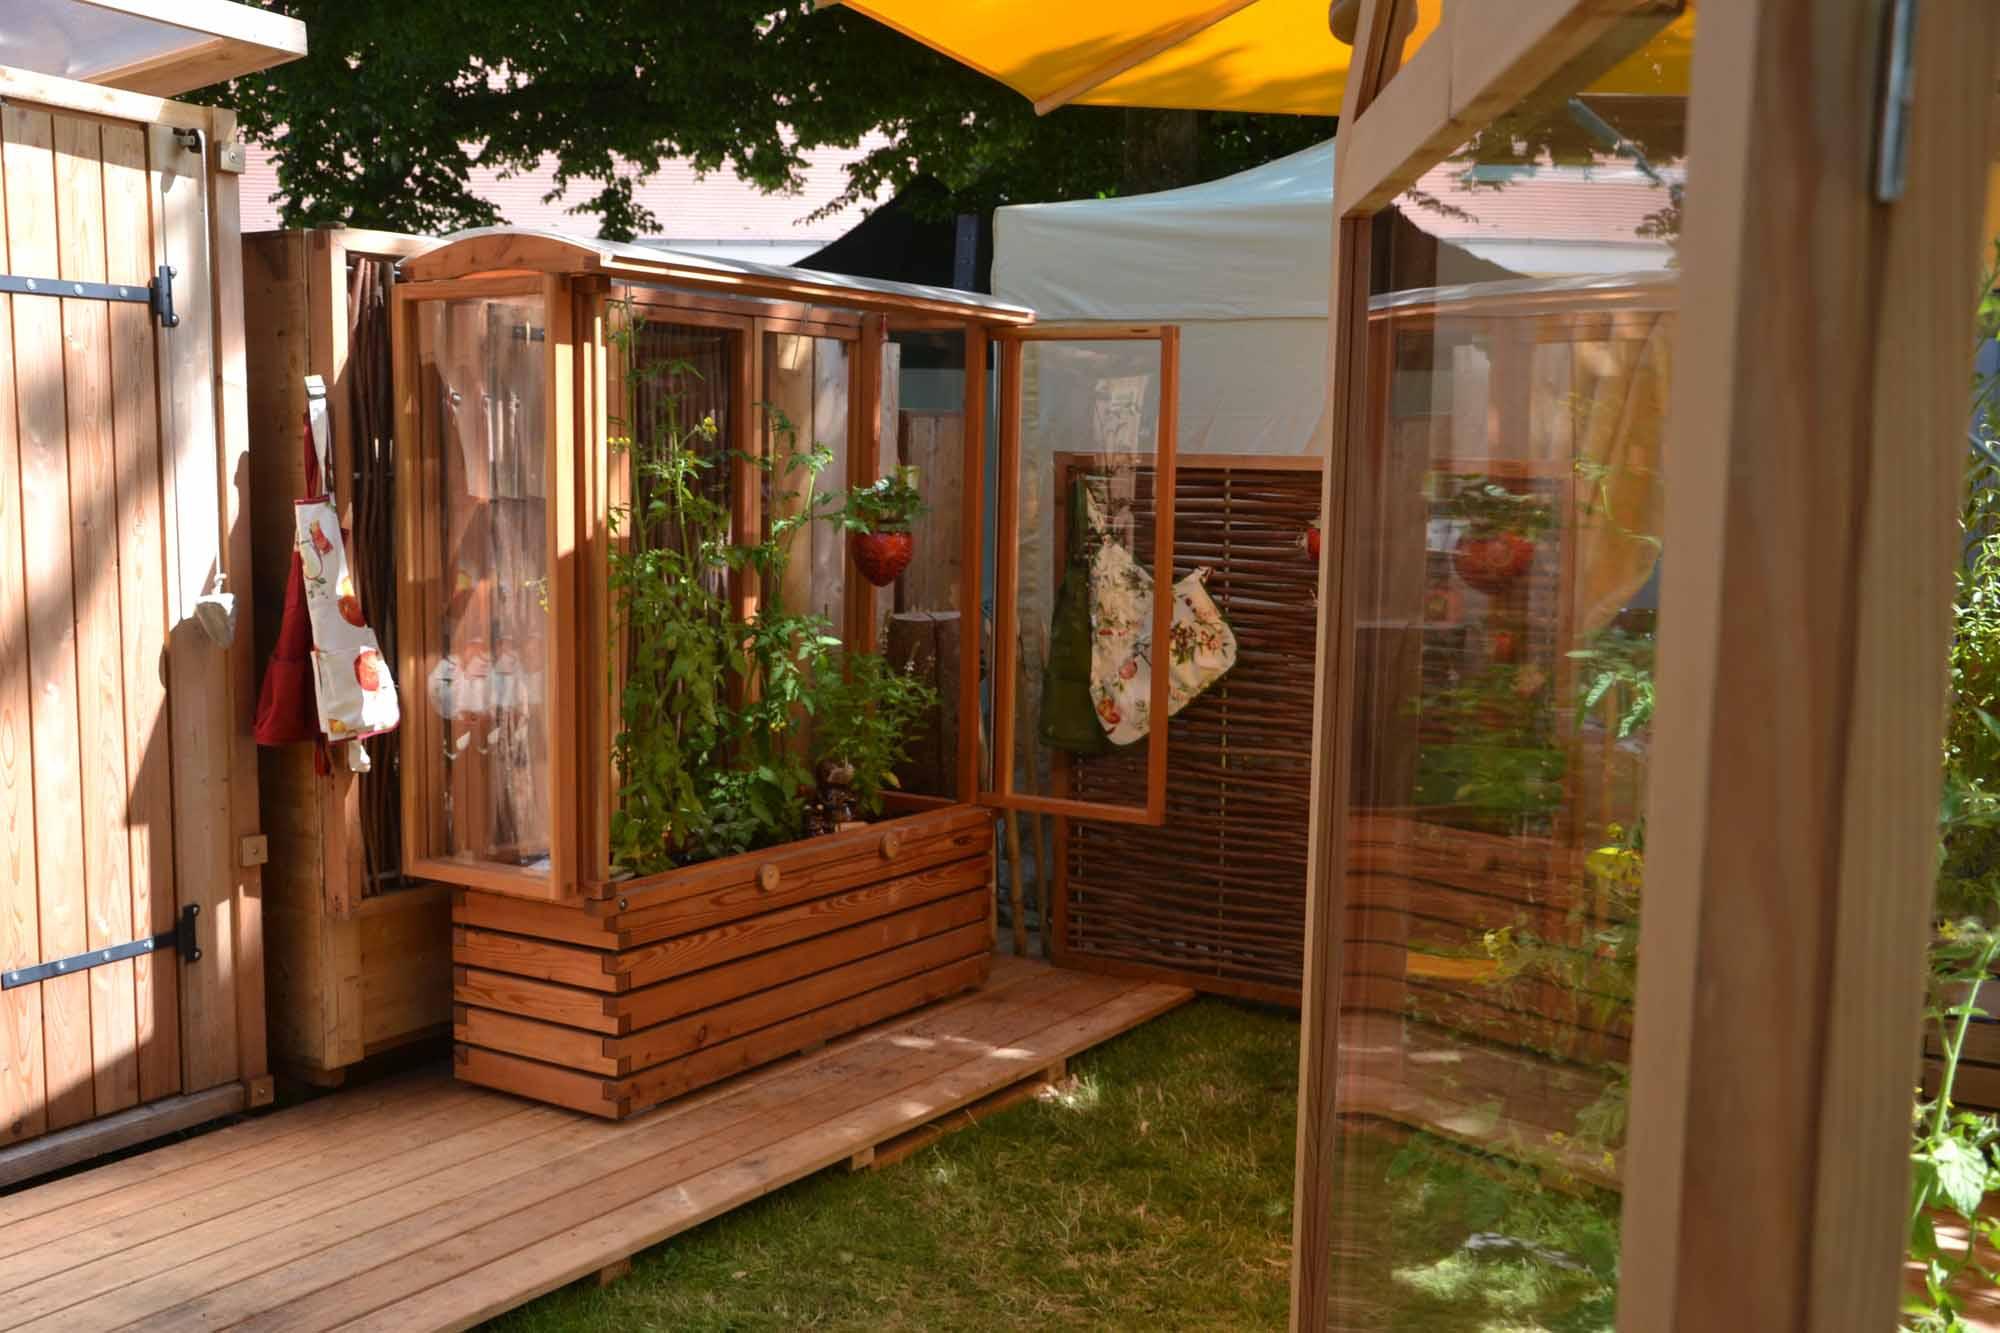 tomatenhaus auf pflanzkasten f r balkon und terrasse 150cm l nge. Black Bedroom Furniture Sets. Home Design Ideas